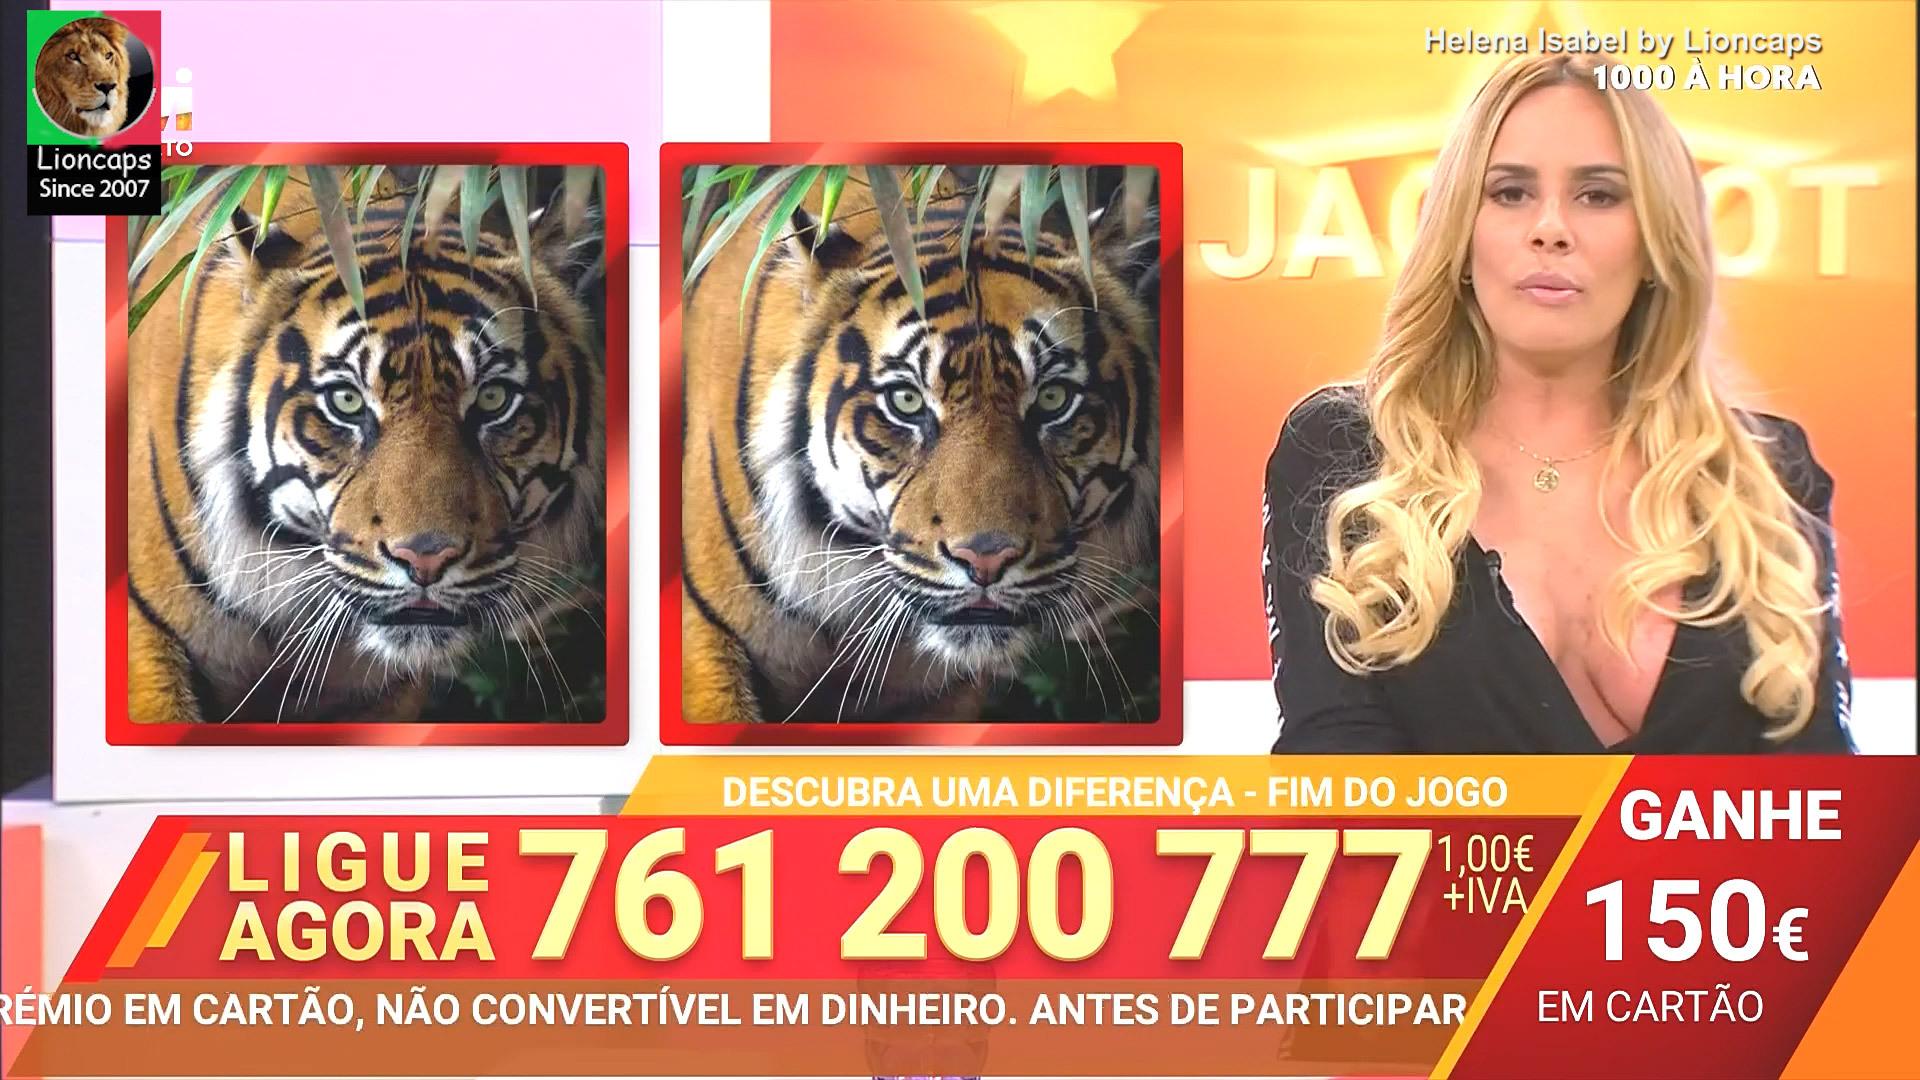 helena_isabel_1000hora_lioncaps_08_12_2020 (6).jpg